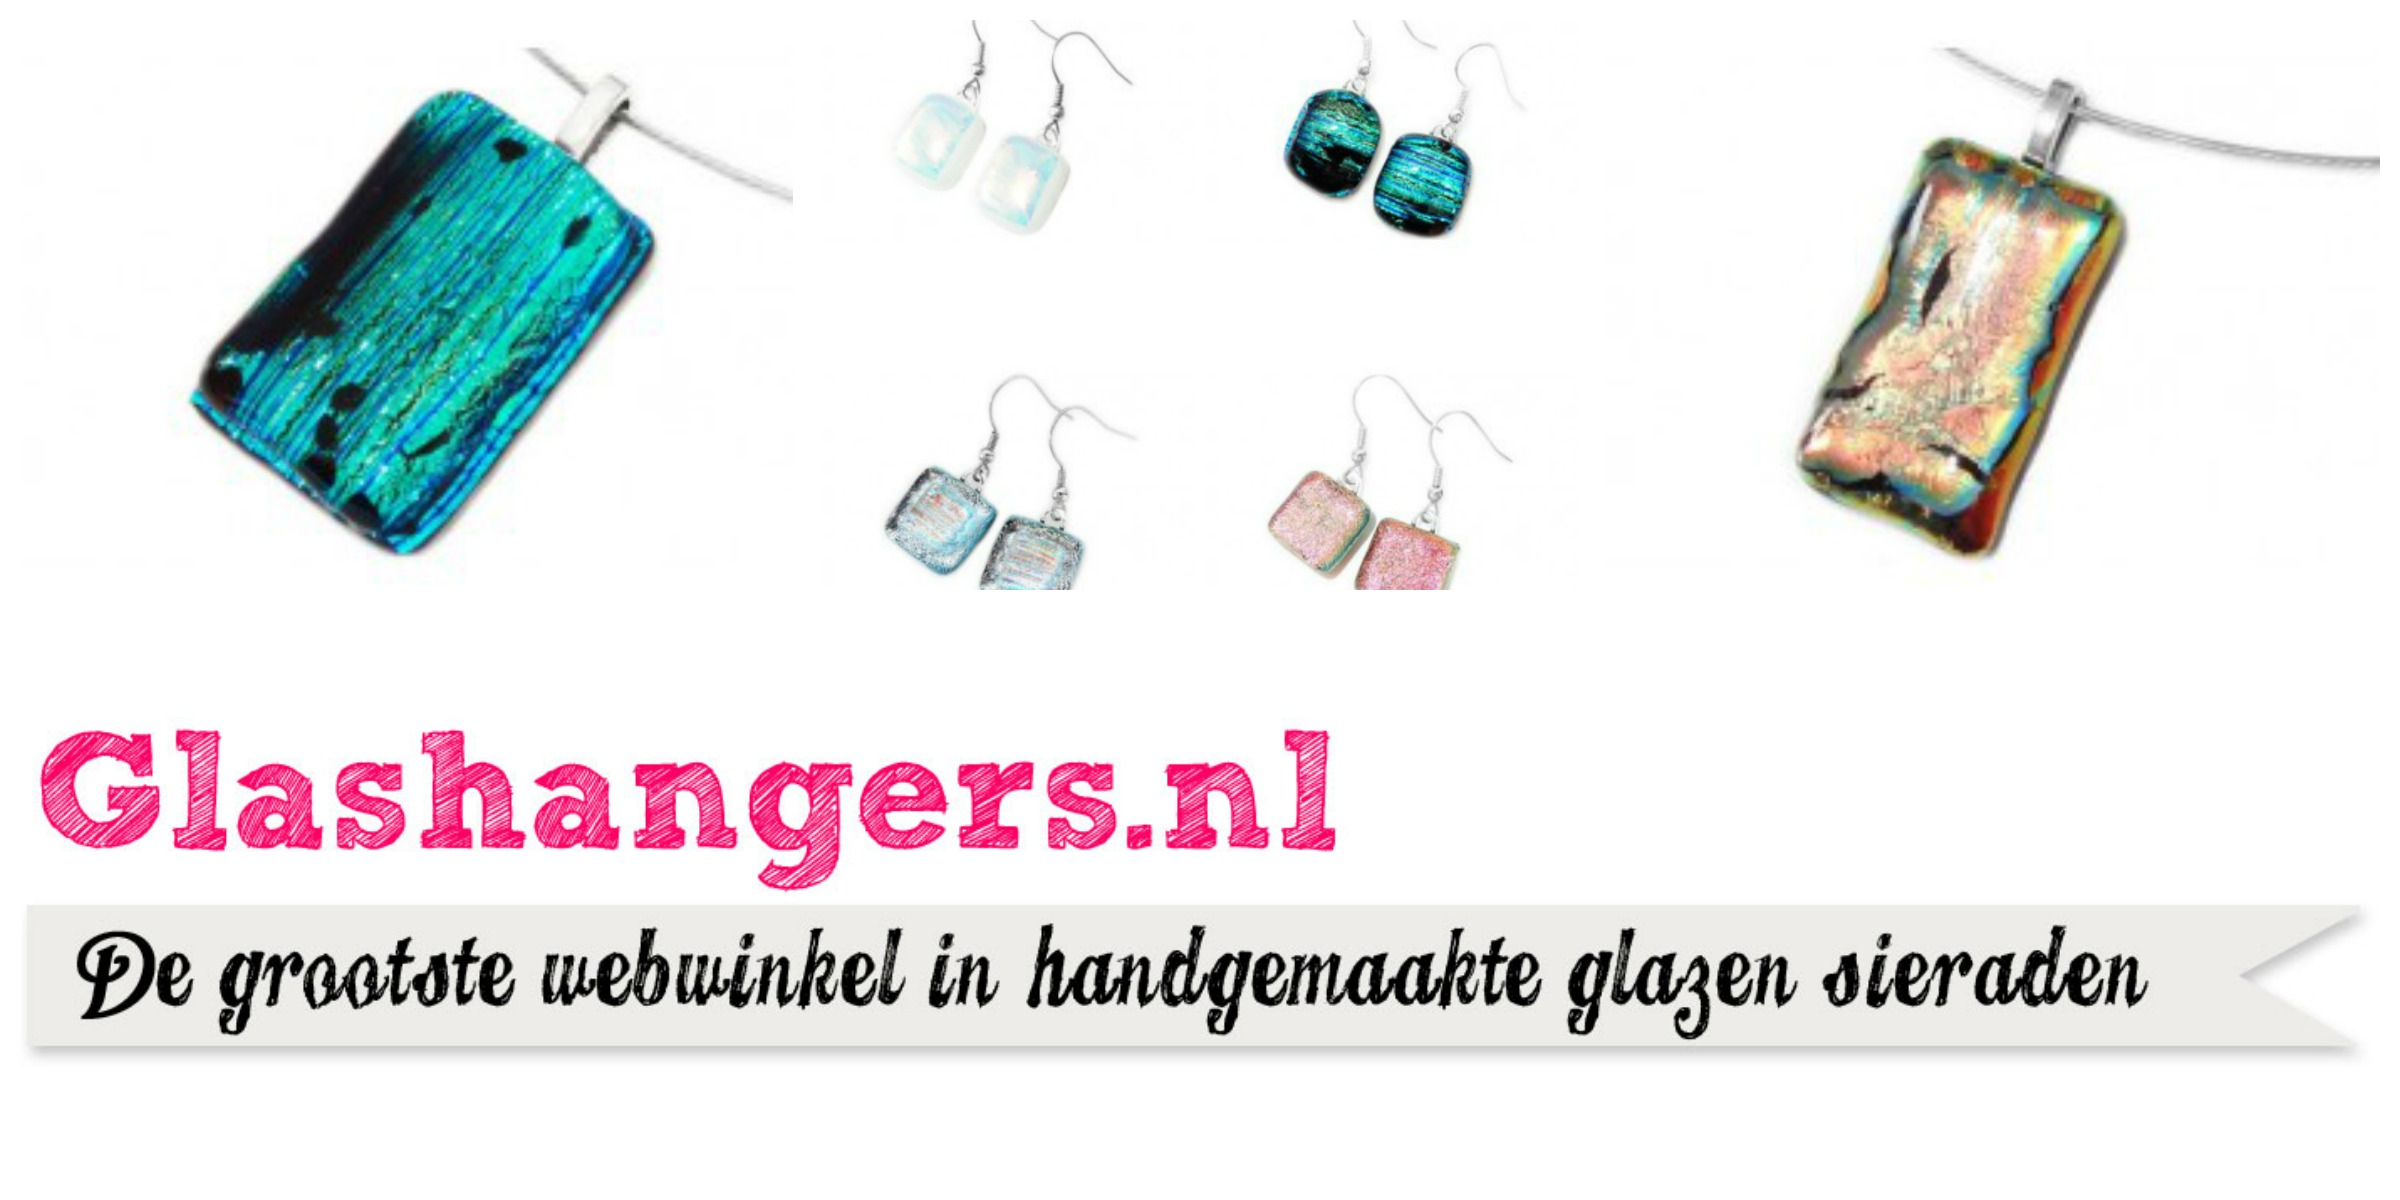 Leuke sieraden van Glashangers.nl: win €25 shoptegoed! (gesloten)